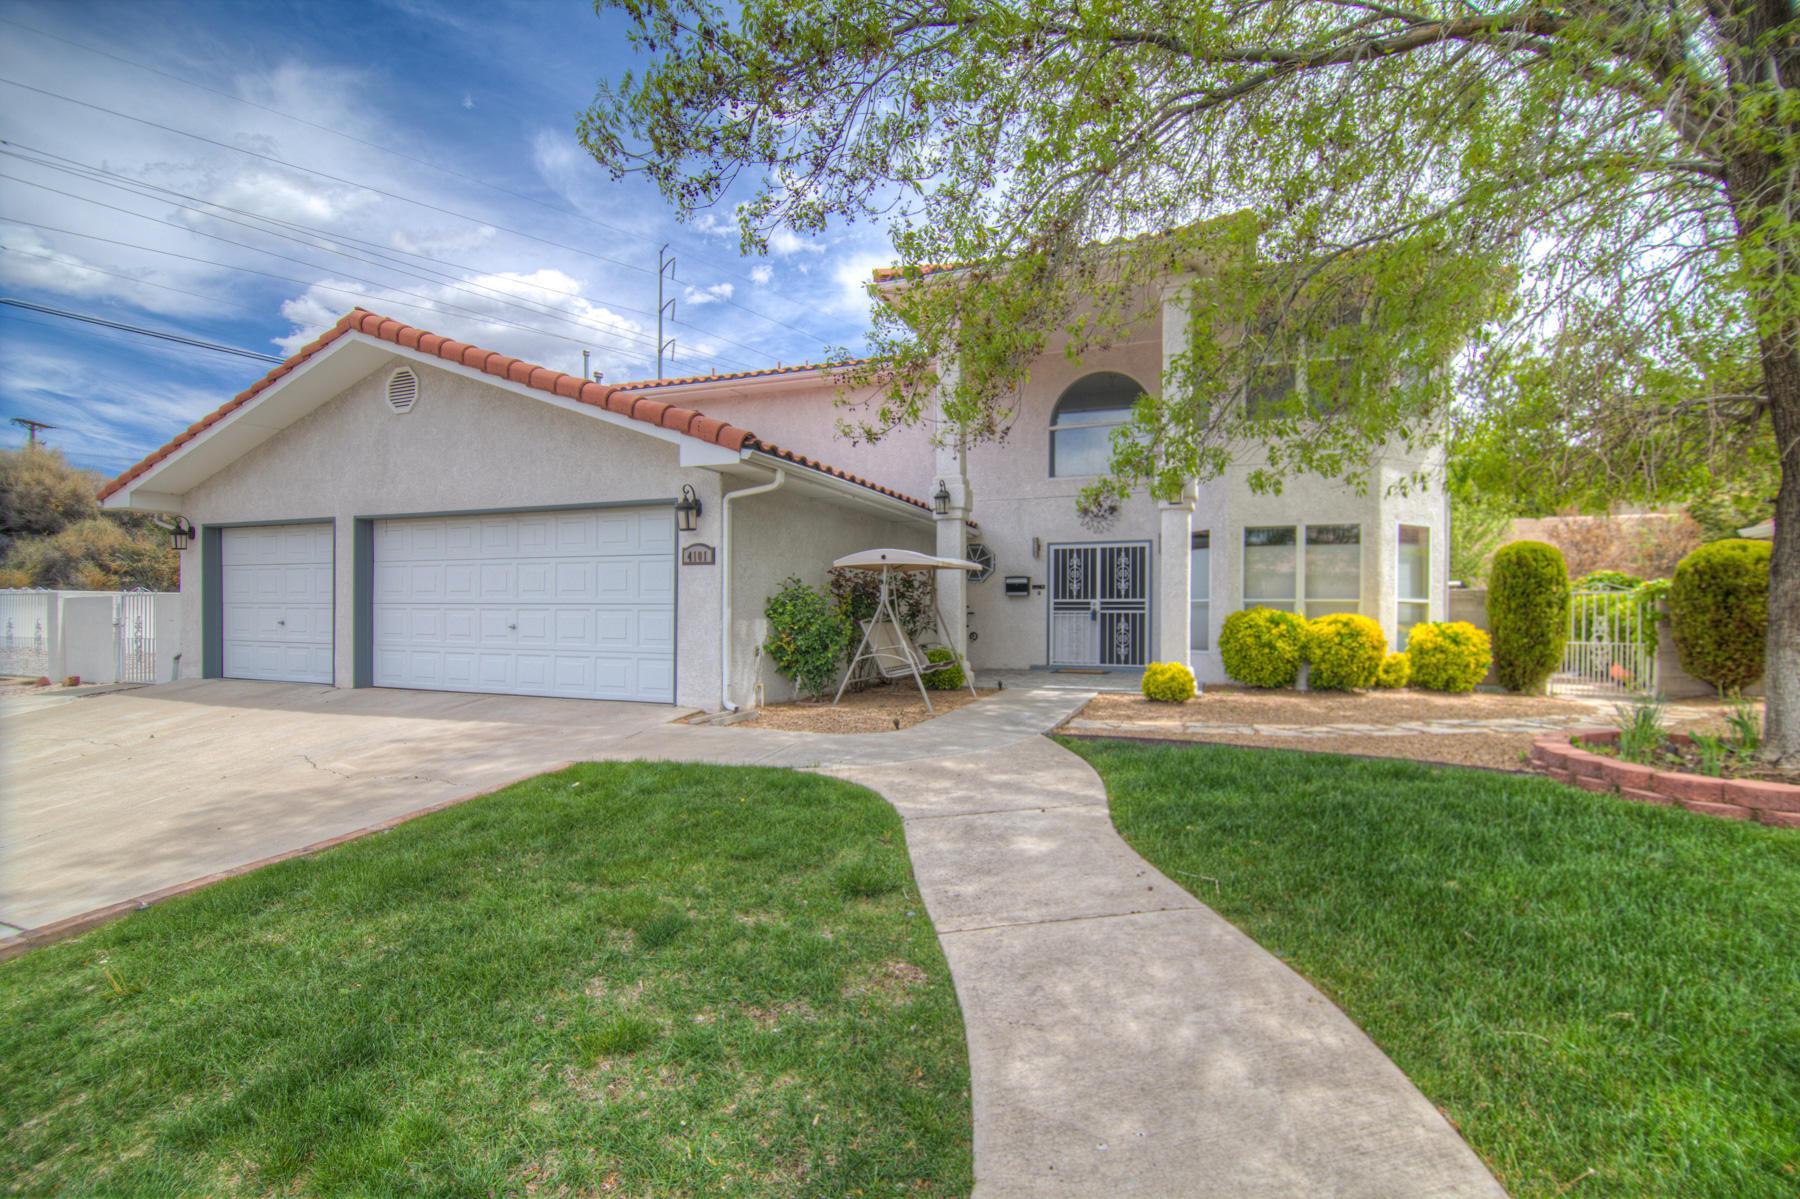 4101 SUNNINGDALE Avenue NE, Albuquerque, NM 87110 - Albuquerque, NM real estate listing